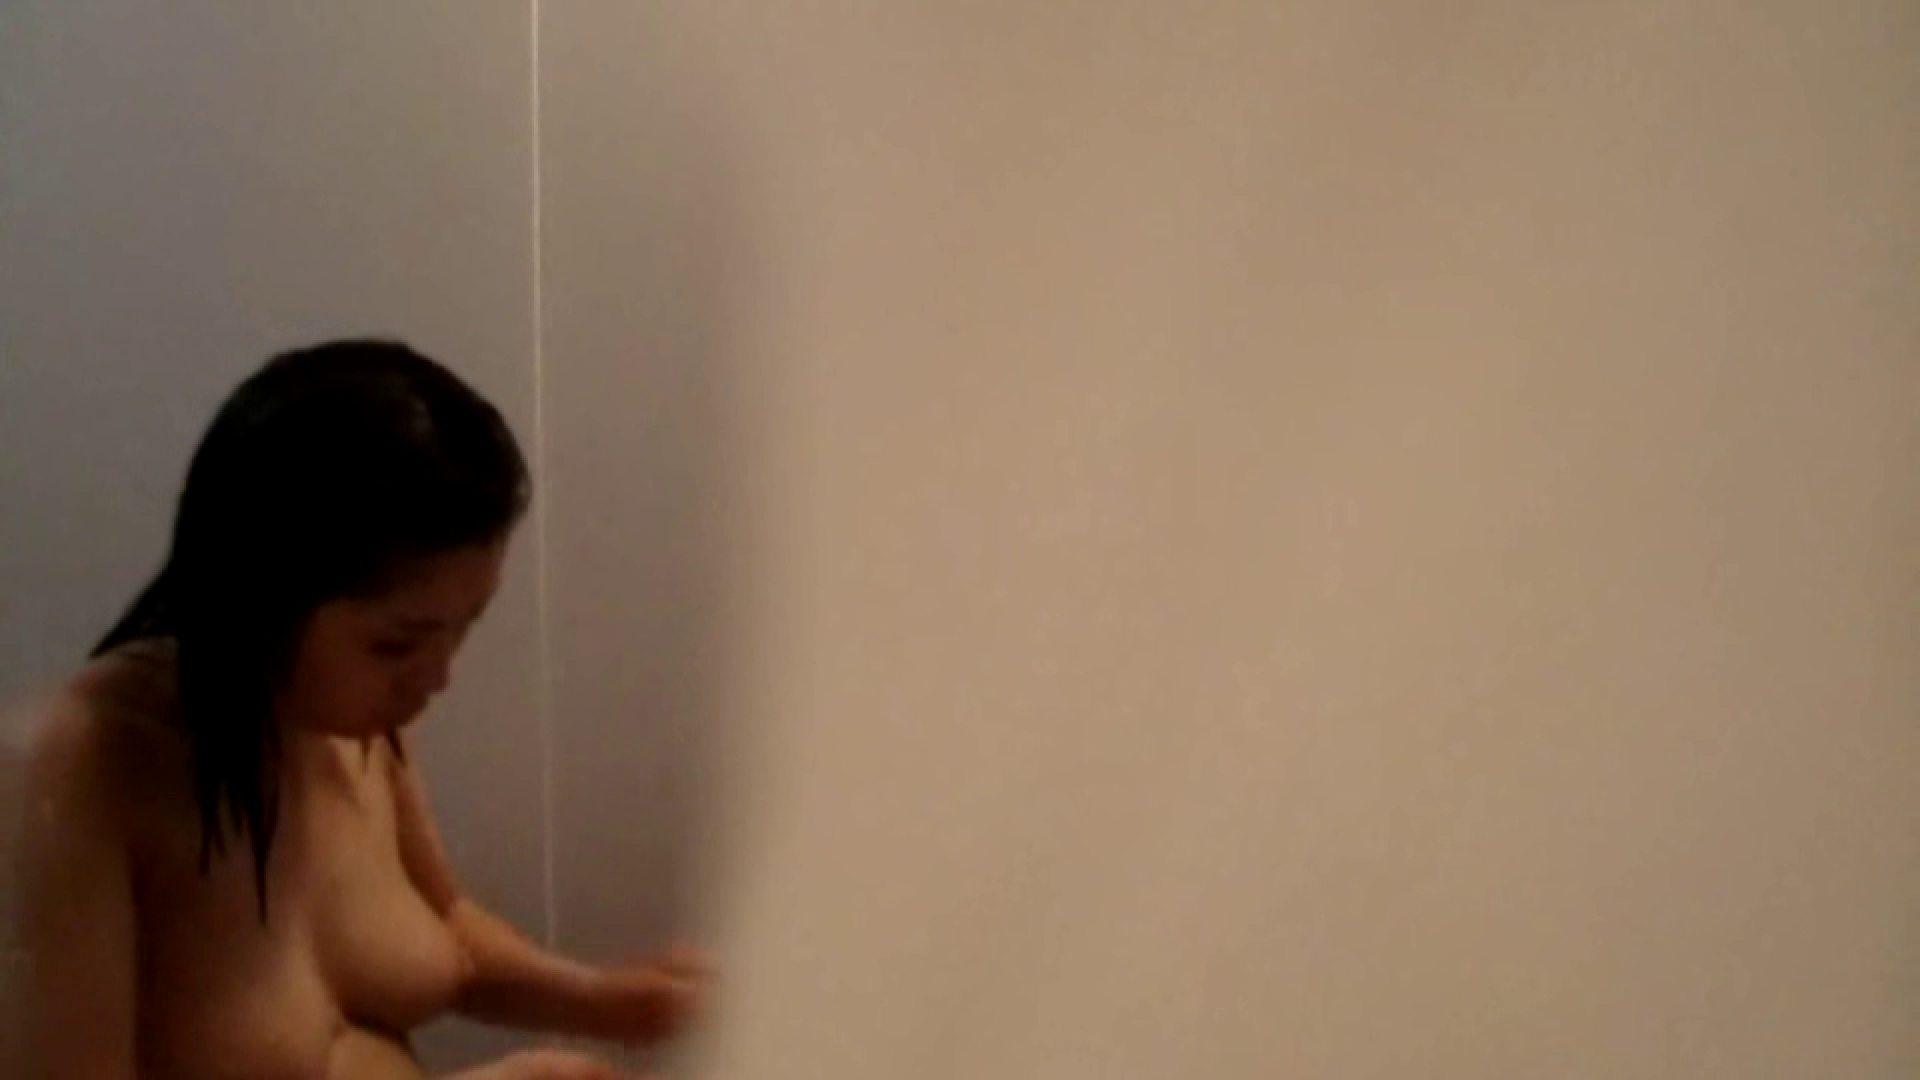 vol.2 葵のグラドル顔負けの爆乳を入浴シーンでどうぞ。 むっちりガール エロ無料画像 110枚 107